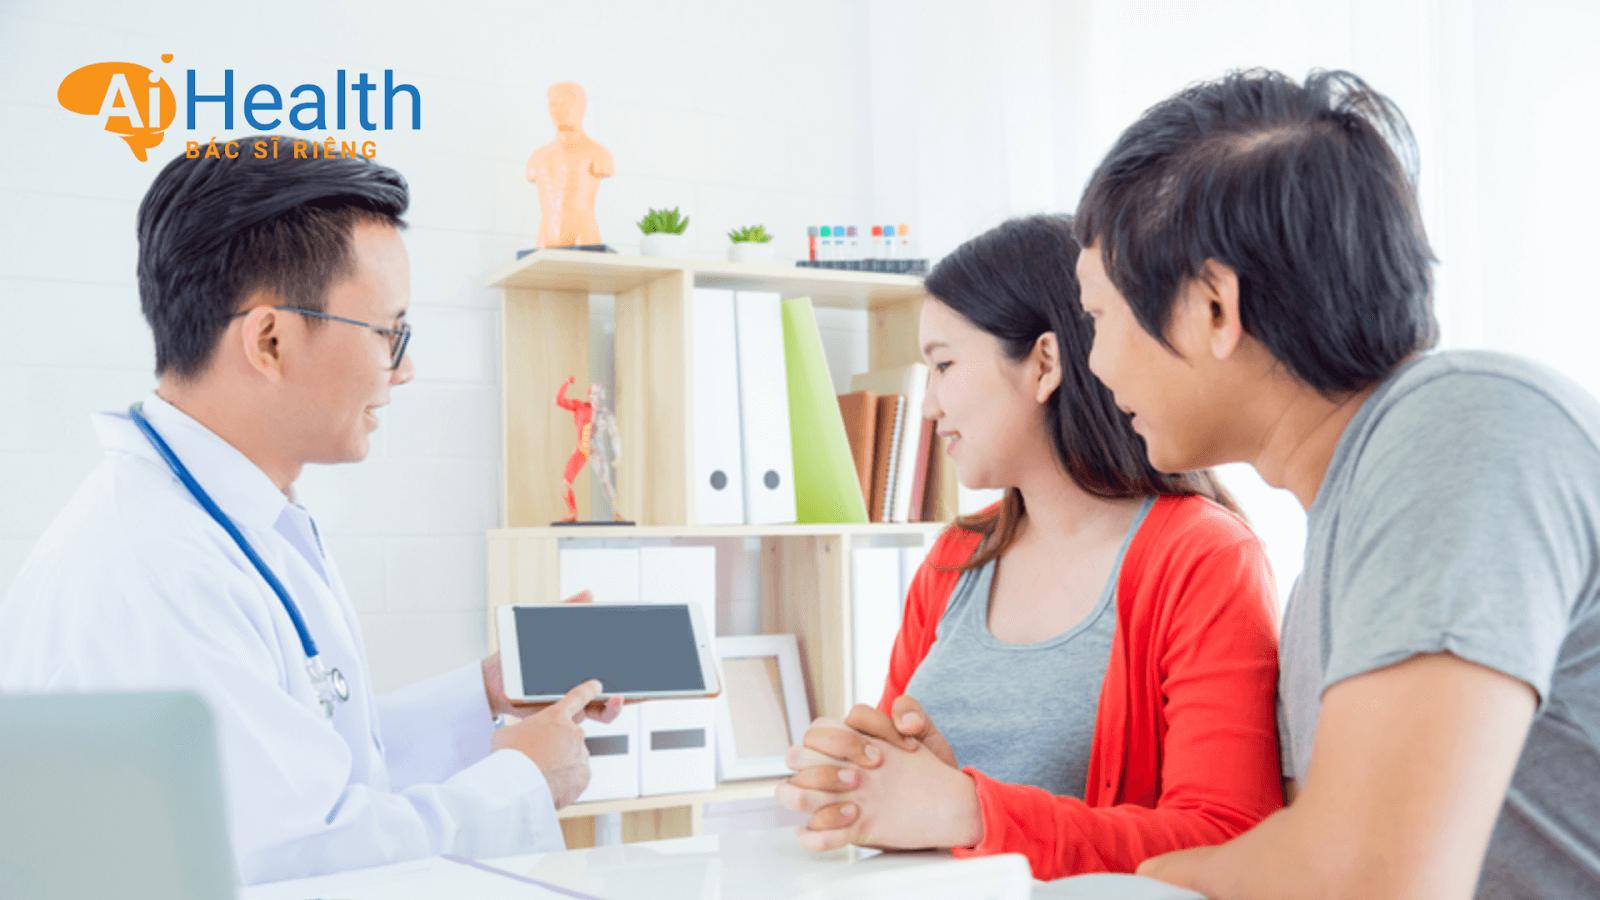 Khám sức khỏe trước khi mang thai nhằm đảm bảo an toàn cho chị em